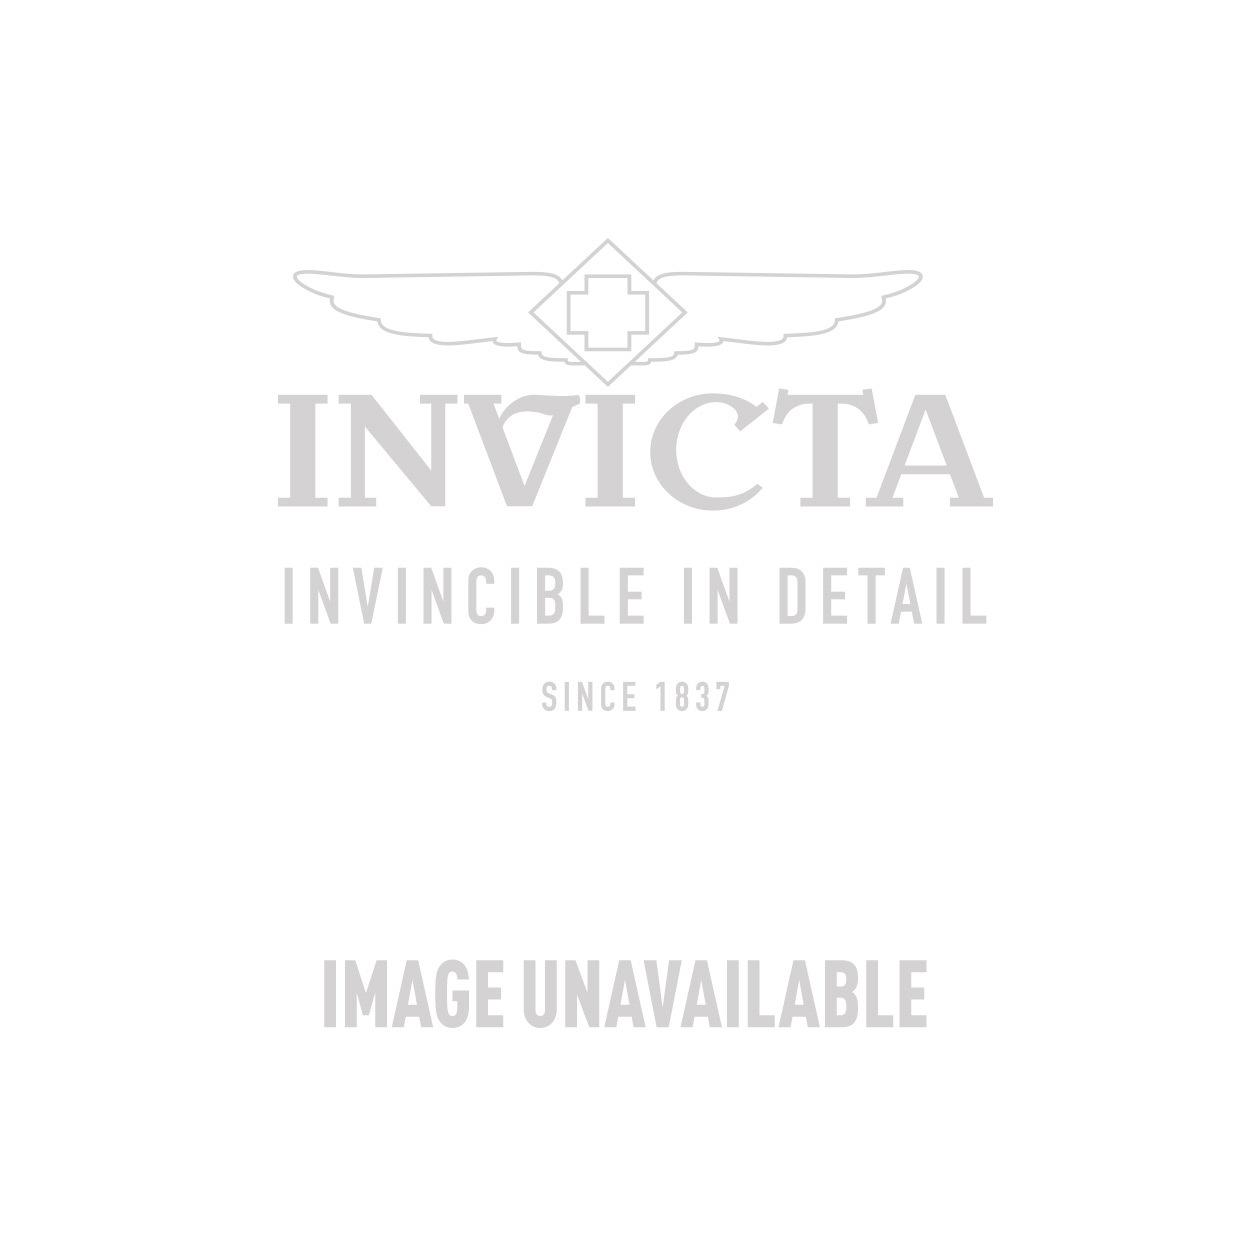 Invicta Model 29004